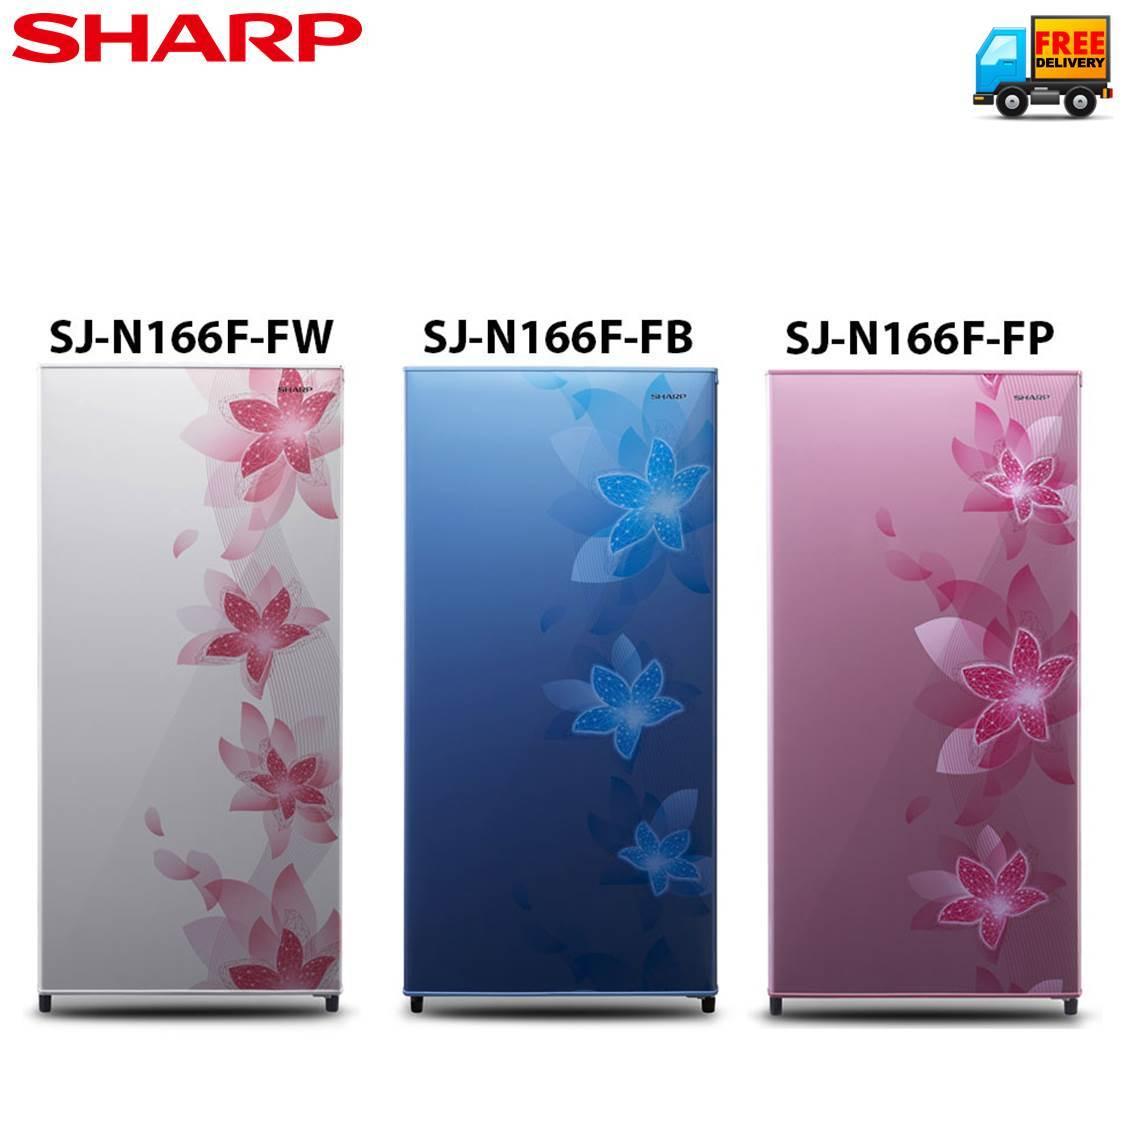 Qoo10 Sharp Kulkas 1 Pintu Sj N166f Free Ongkir Wilayah Ac Pk Ah A9sey Gratis Biaya Pengiriman Lihat Semua Gambar Barang